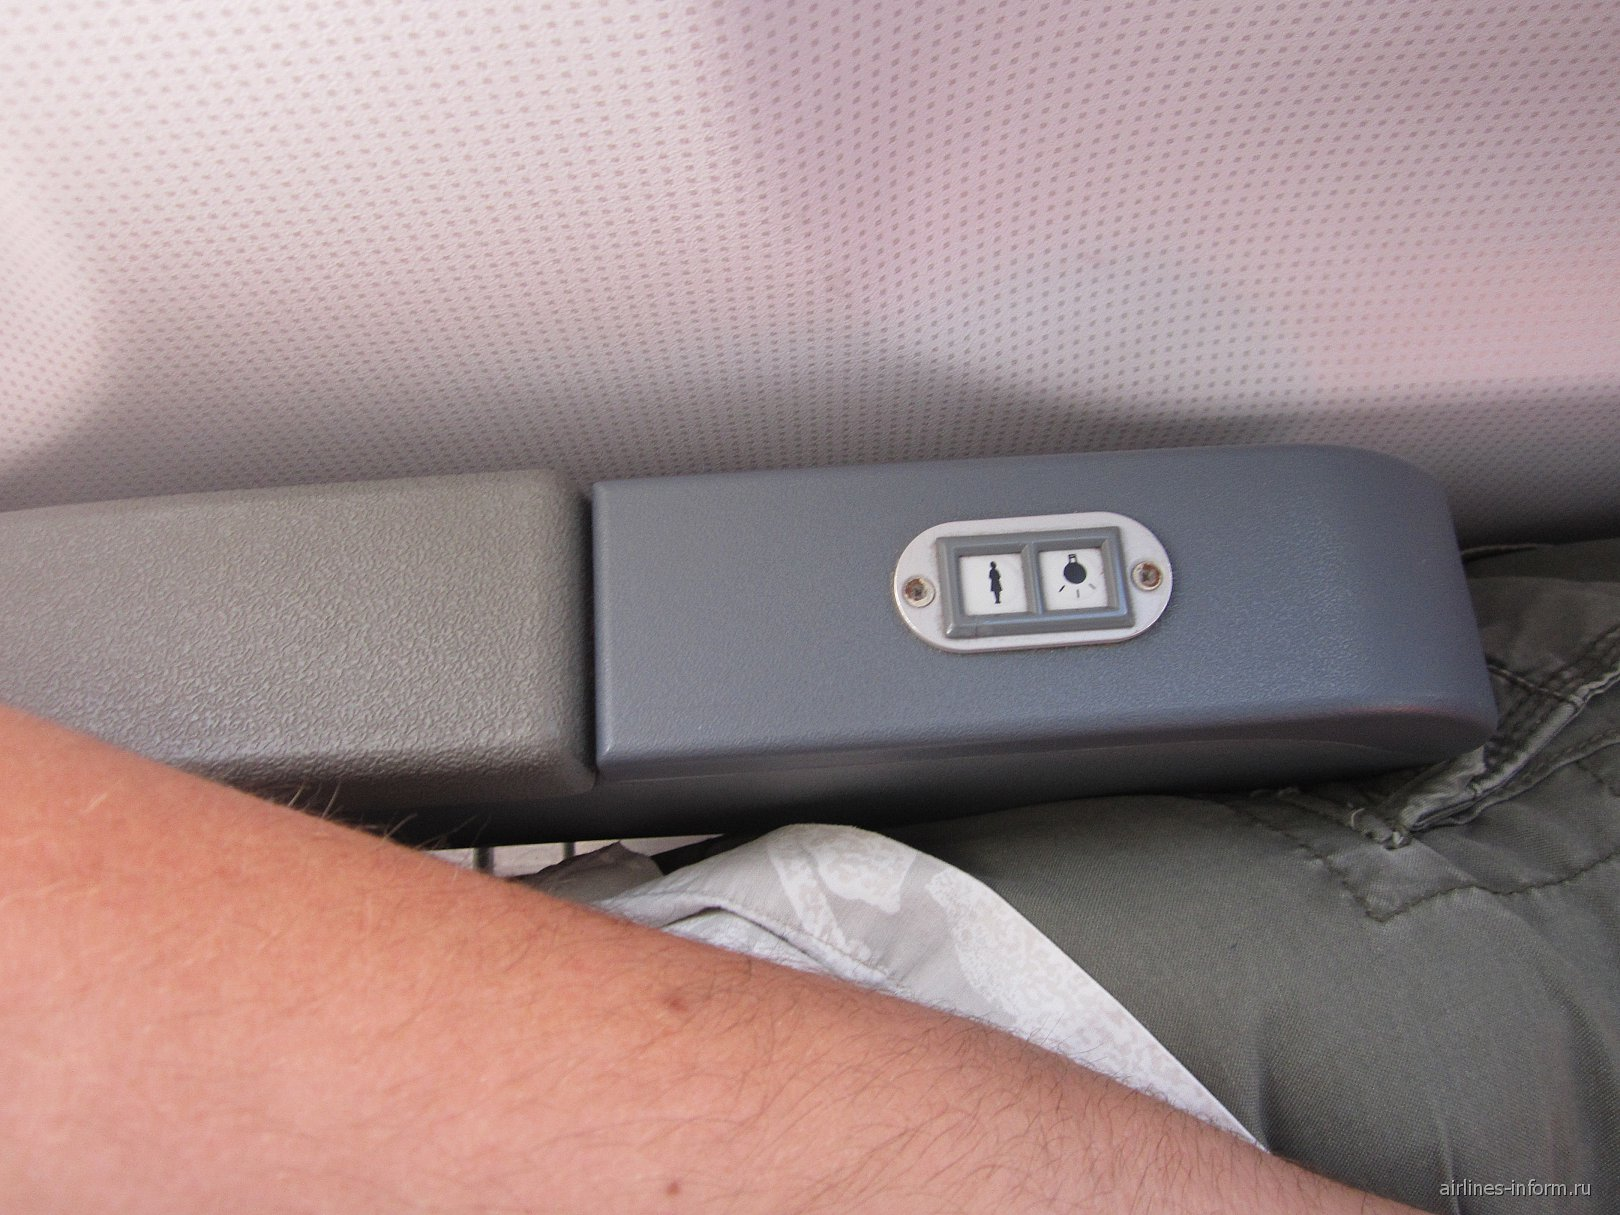 прокол конструкторов, кто додумался кнопки вызова расположить на подлокотнике? при малейшем касании рукой срабатывал сигнал